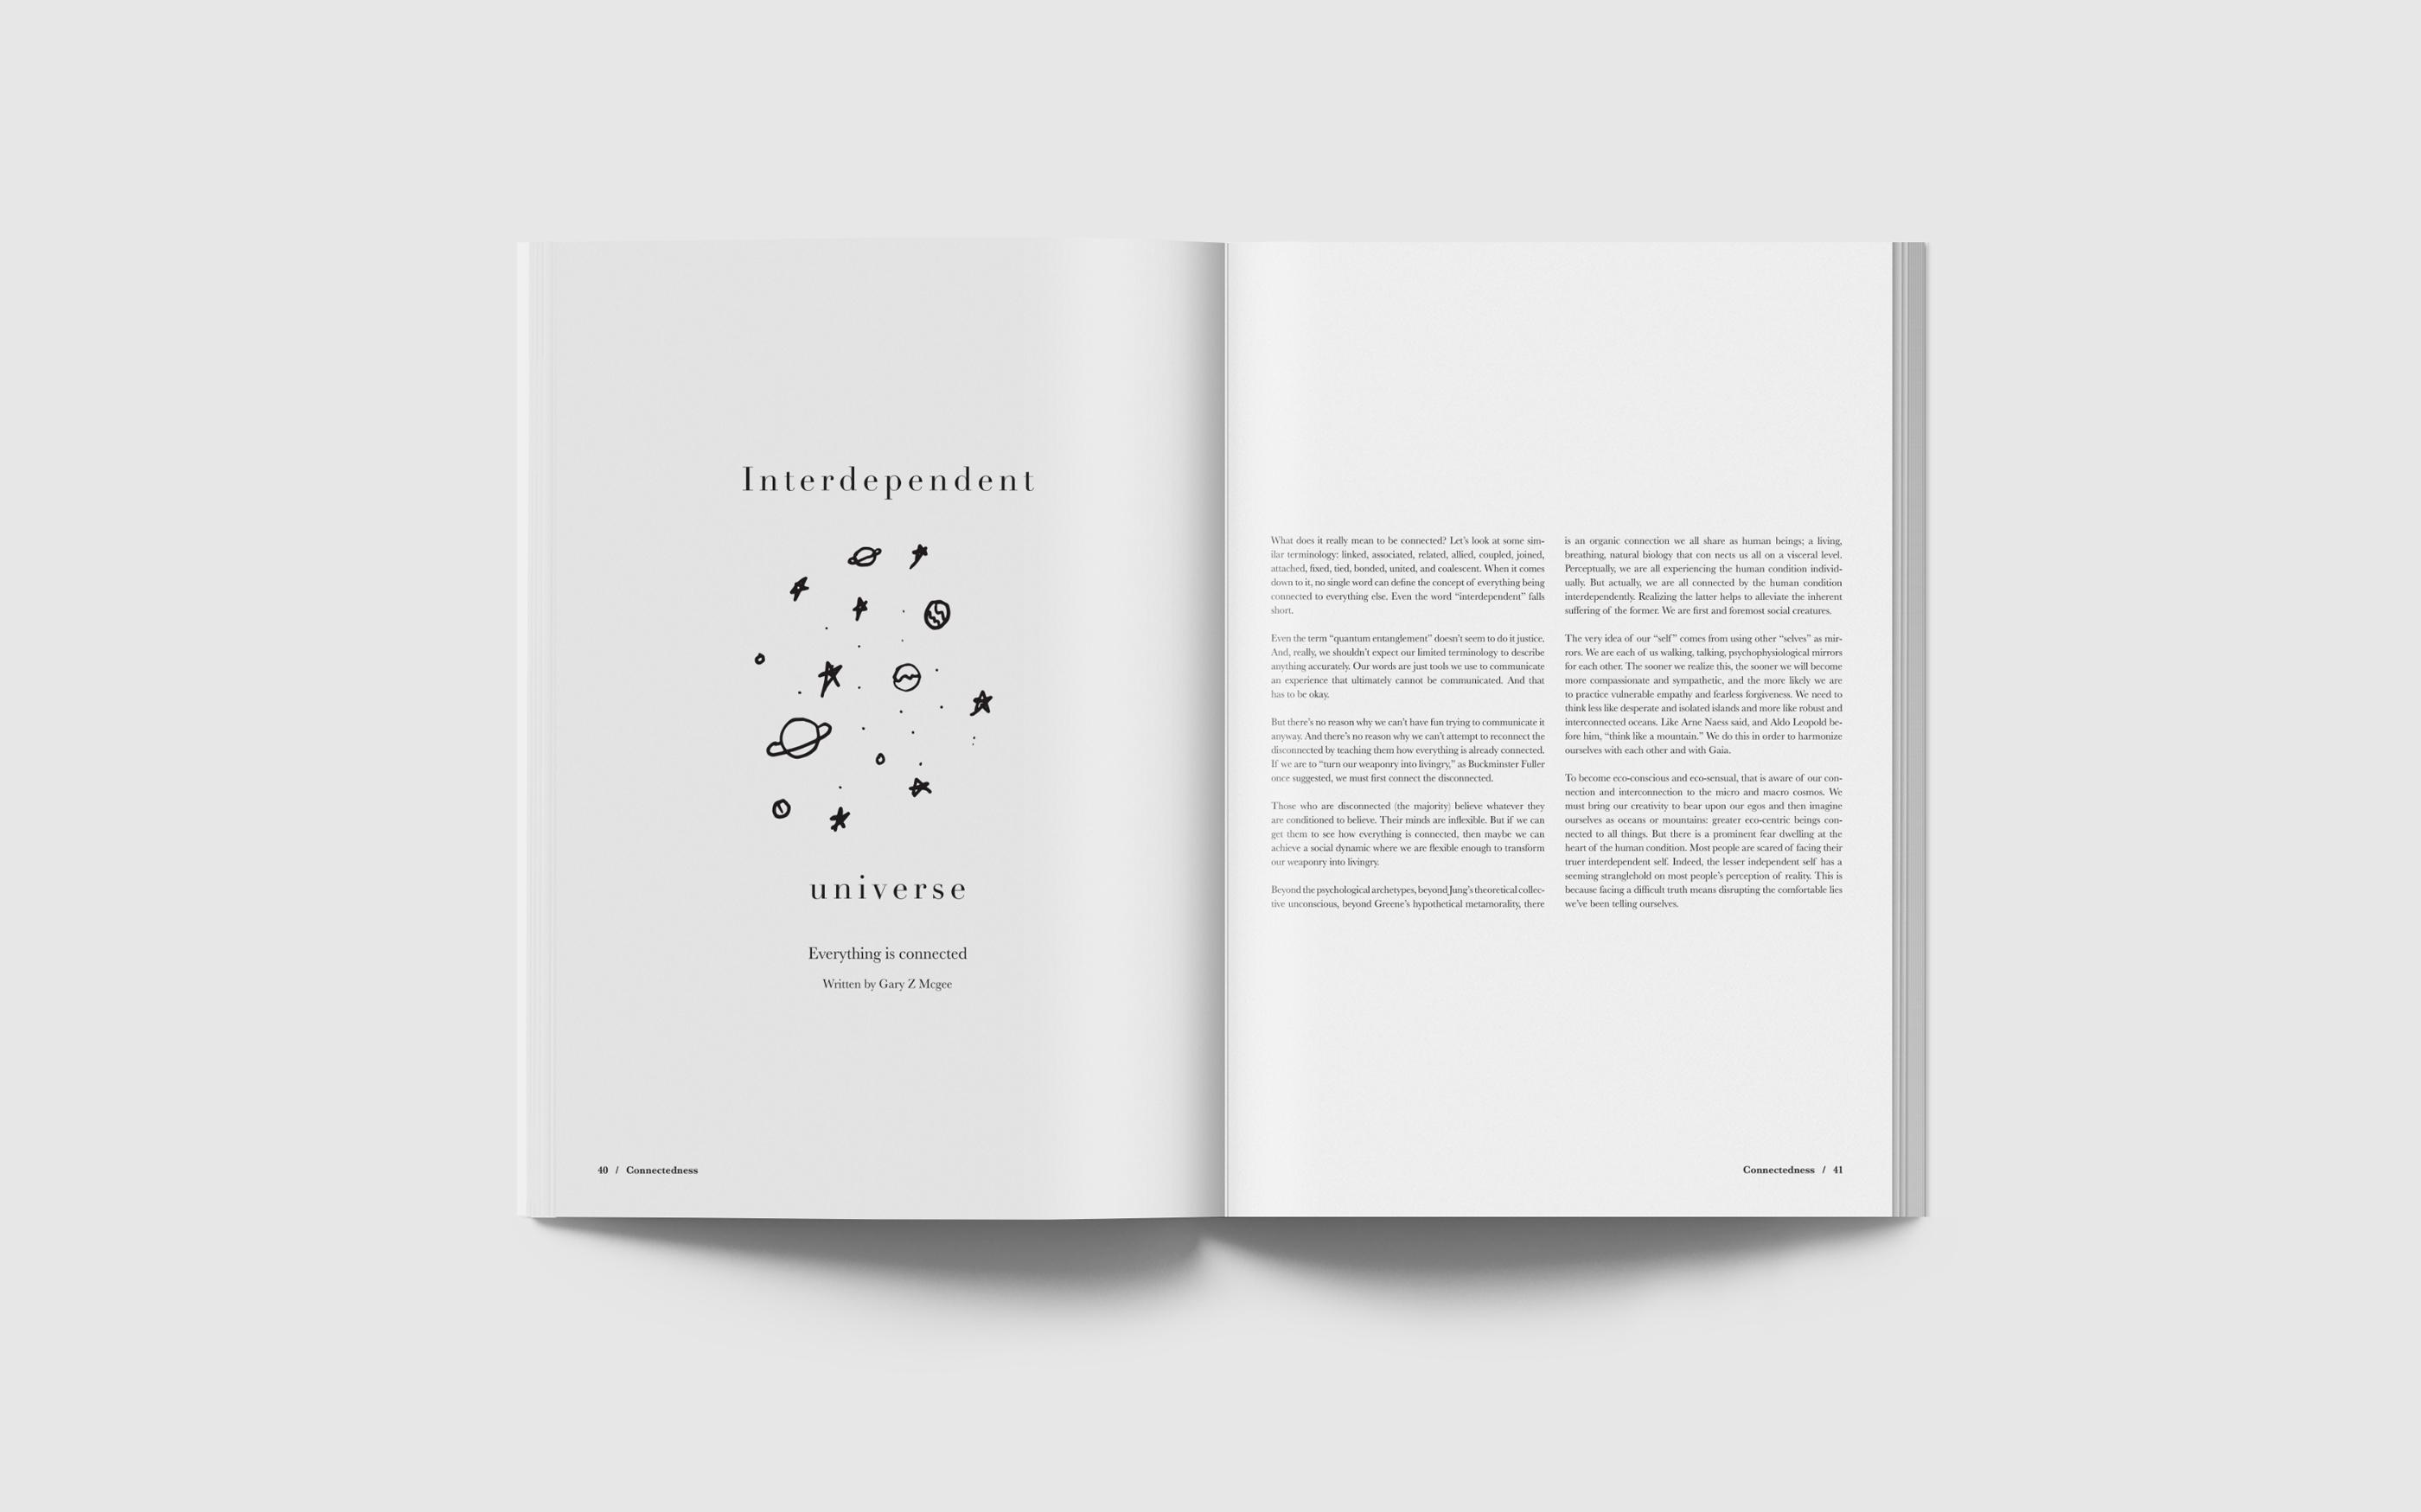 interdependent-universe-spread